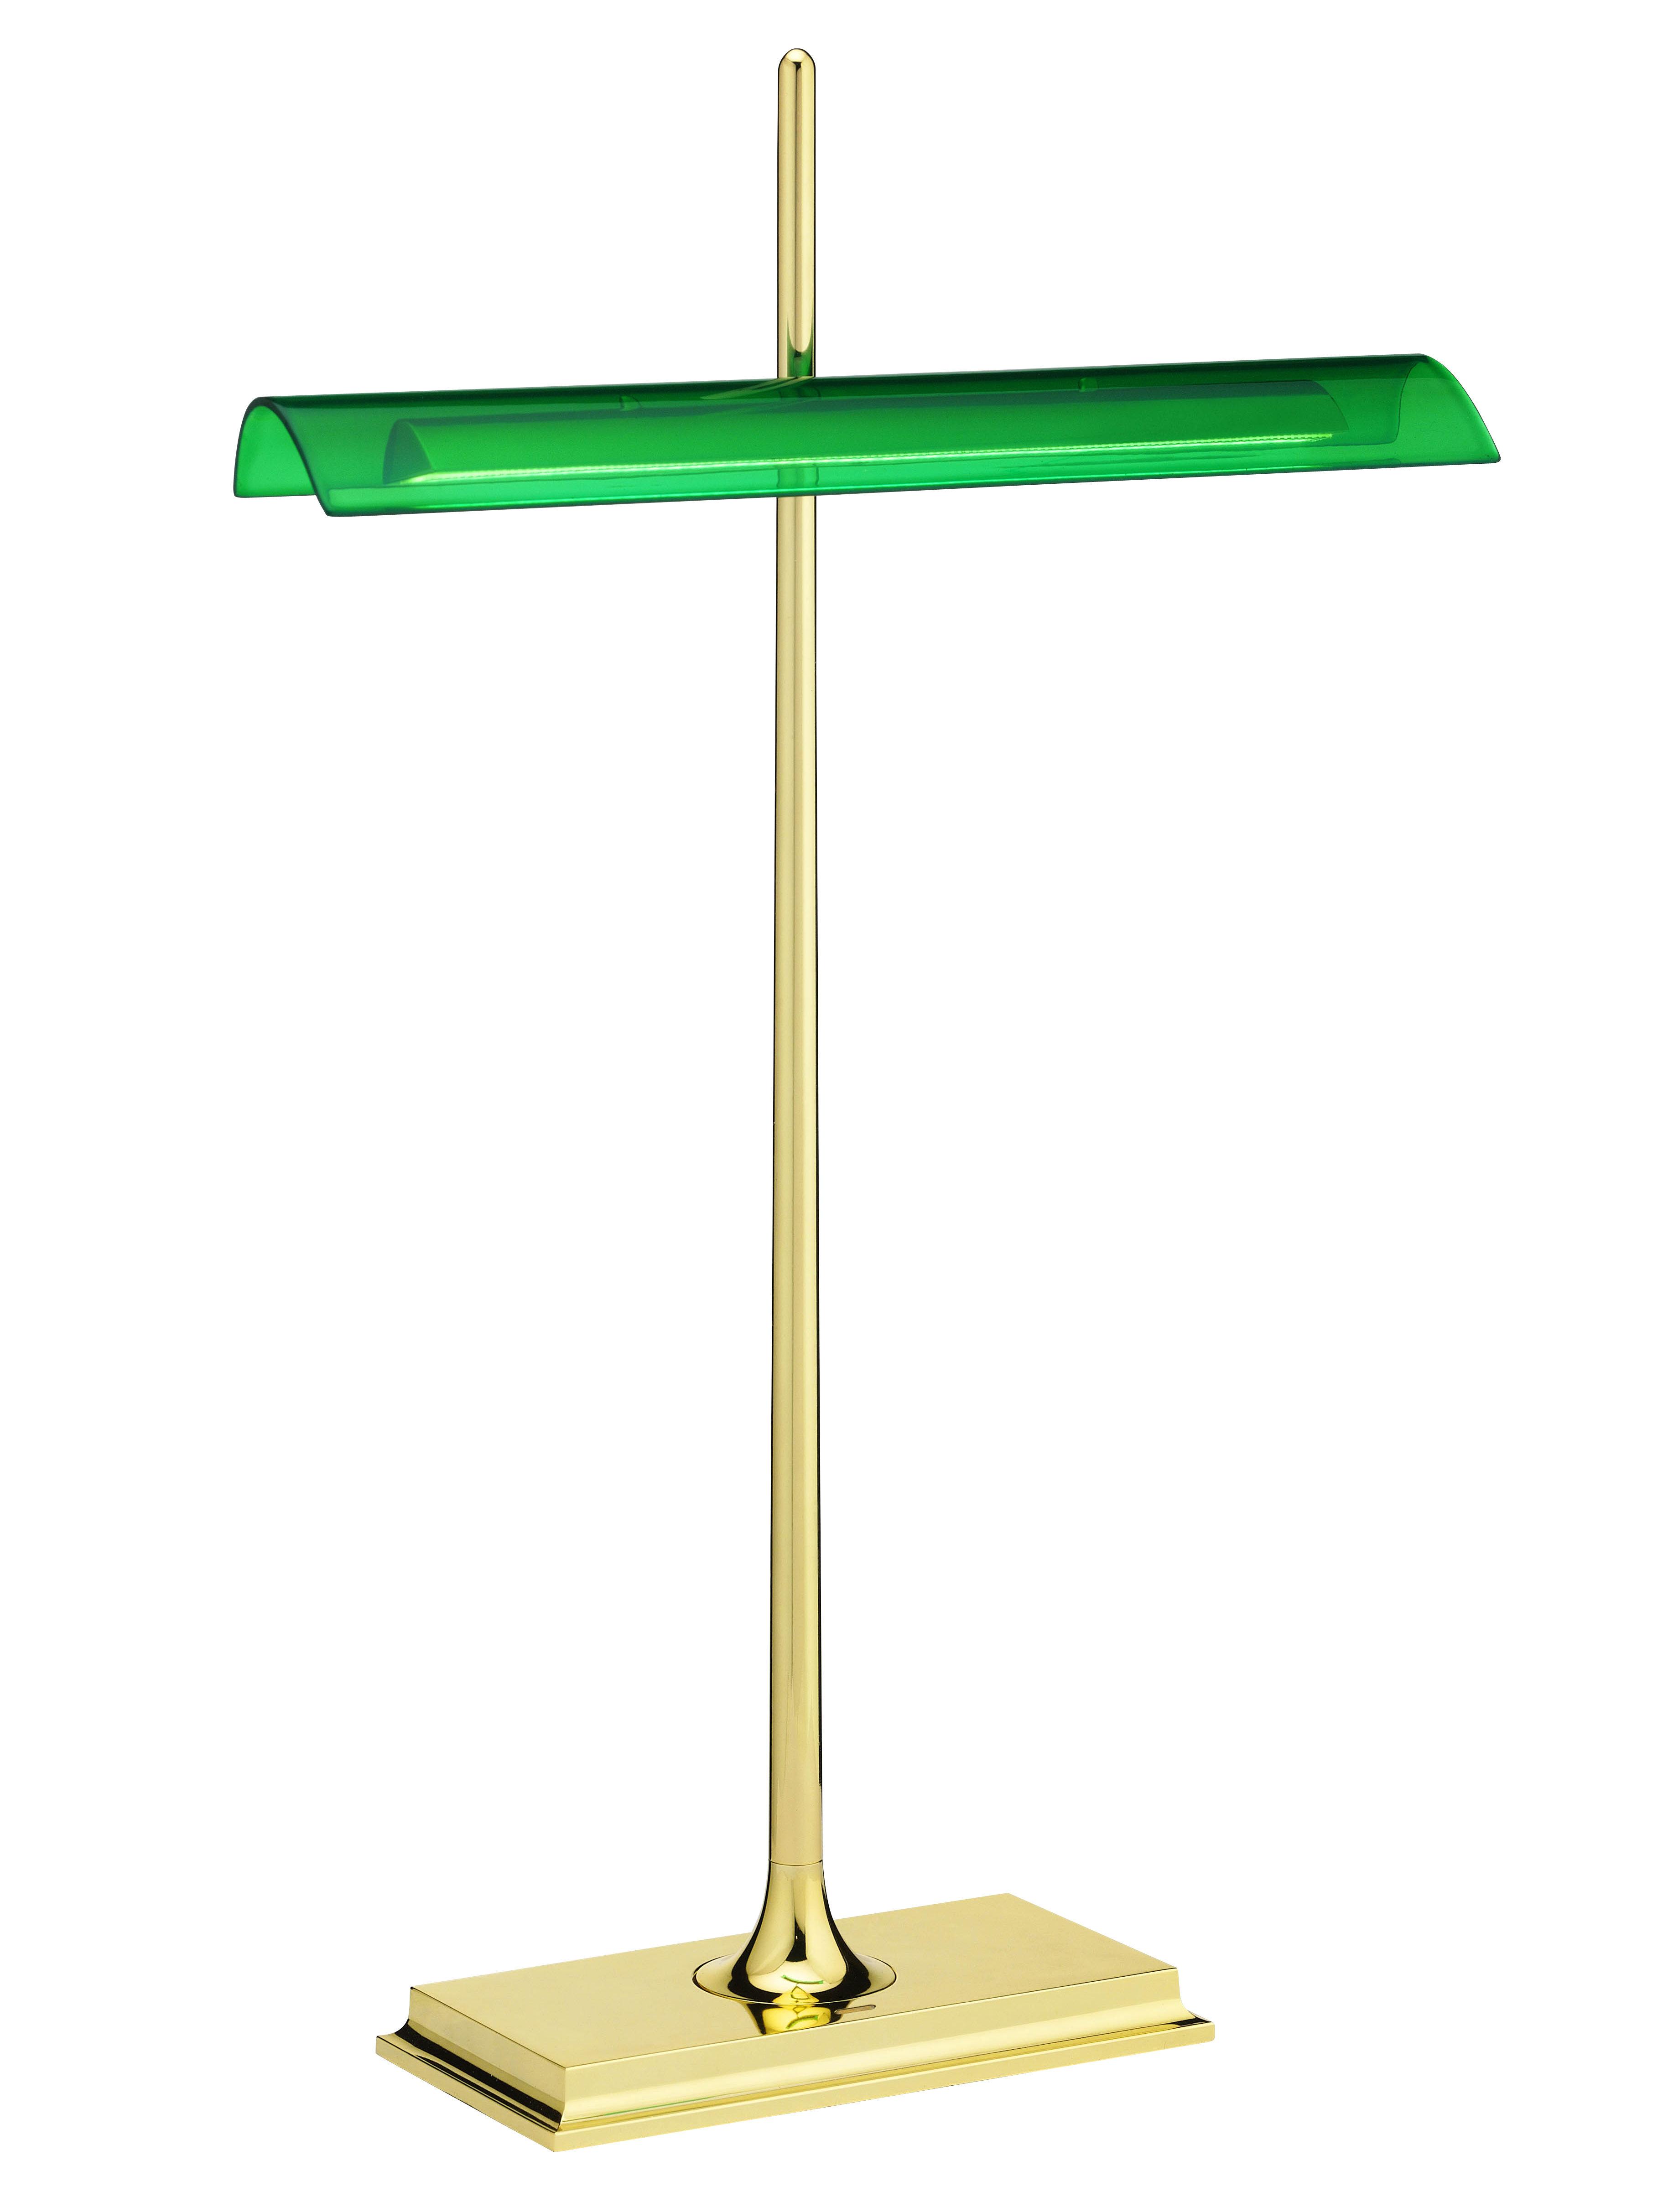 Leuchten - Tischleuchten - Goldman Tischleuchte LED - Flos - Grün / goldfarben - bemaltes Aluminium, Methacrylate